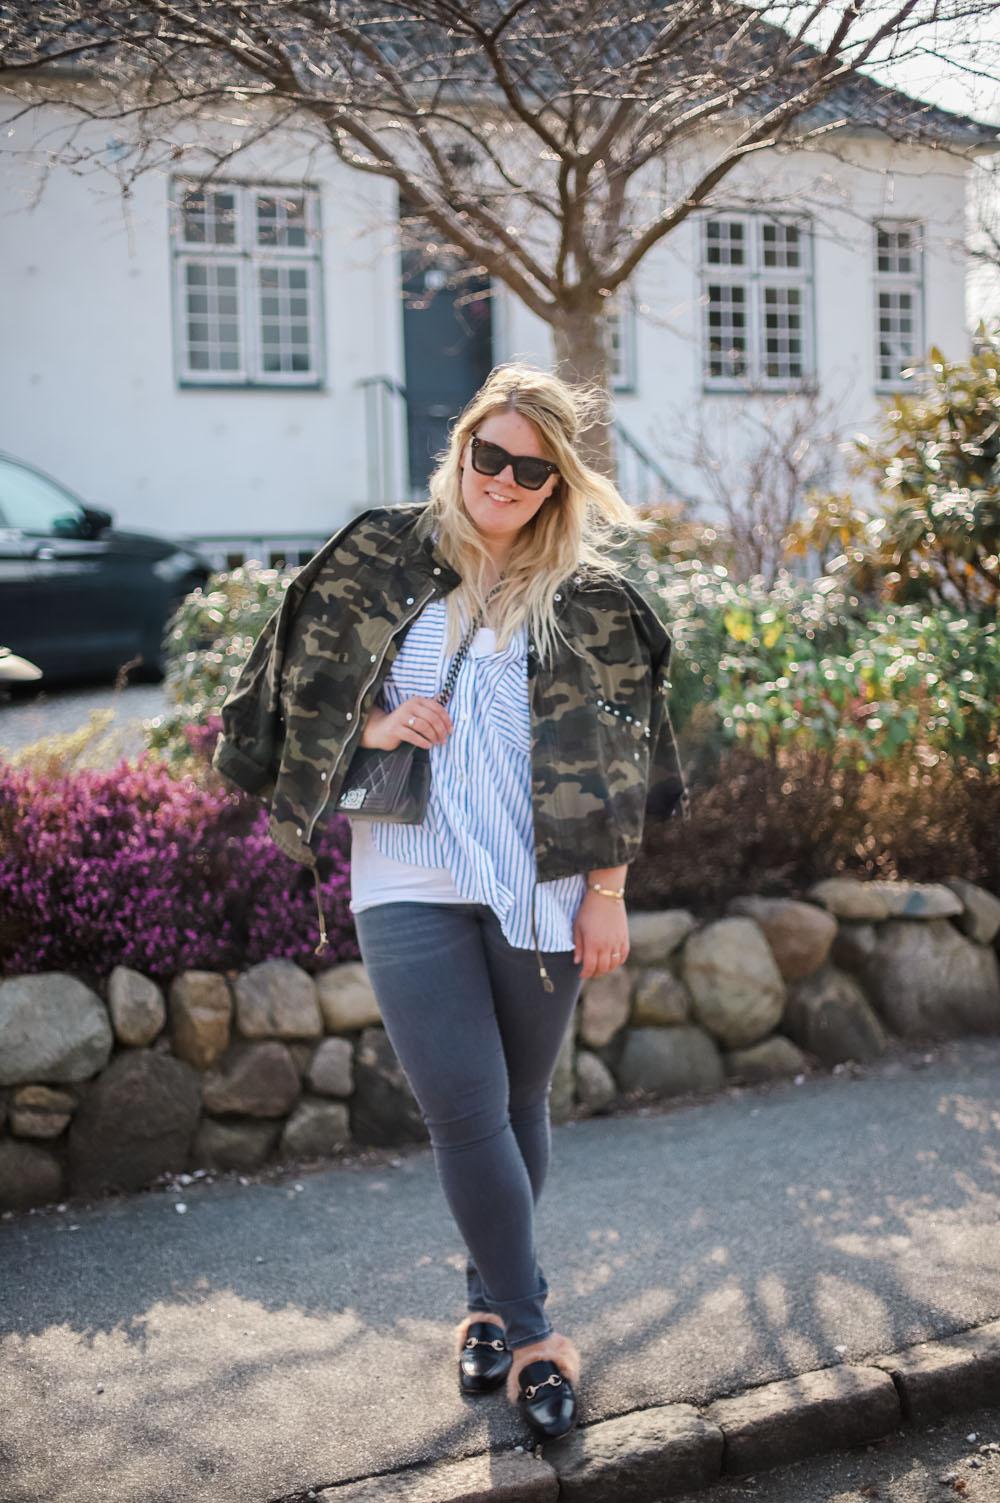 army-jakke-jeans-skjorte-loafers-3-of-5